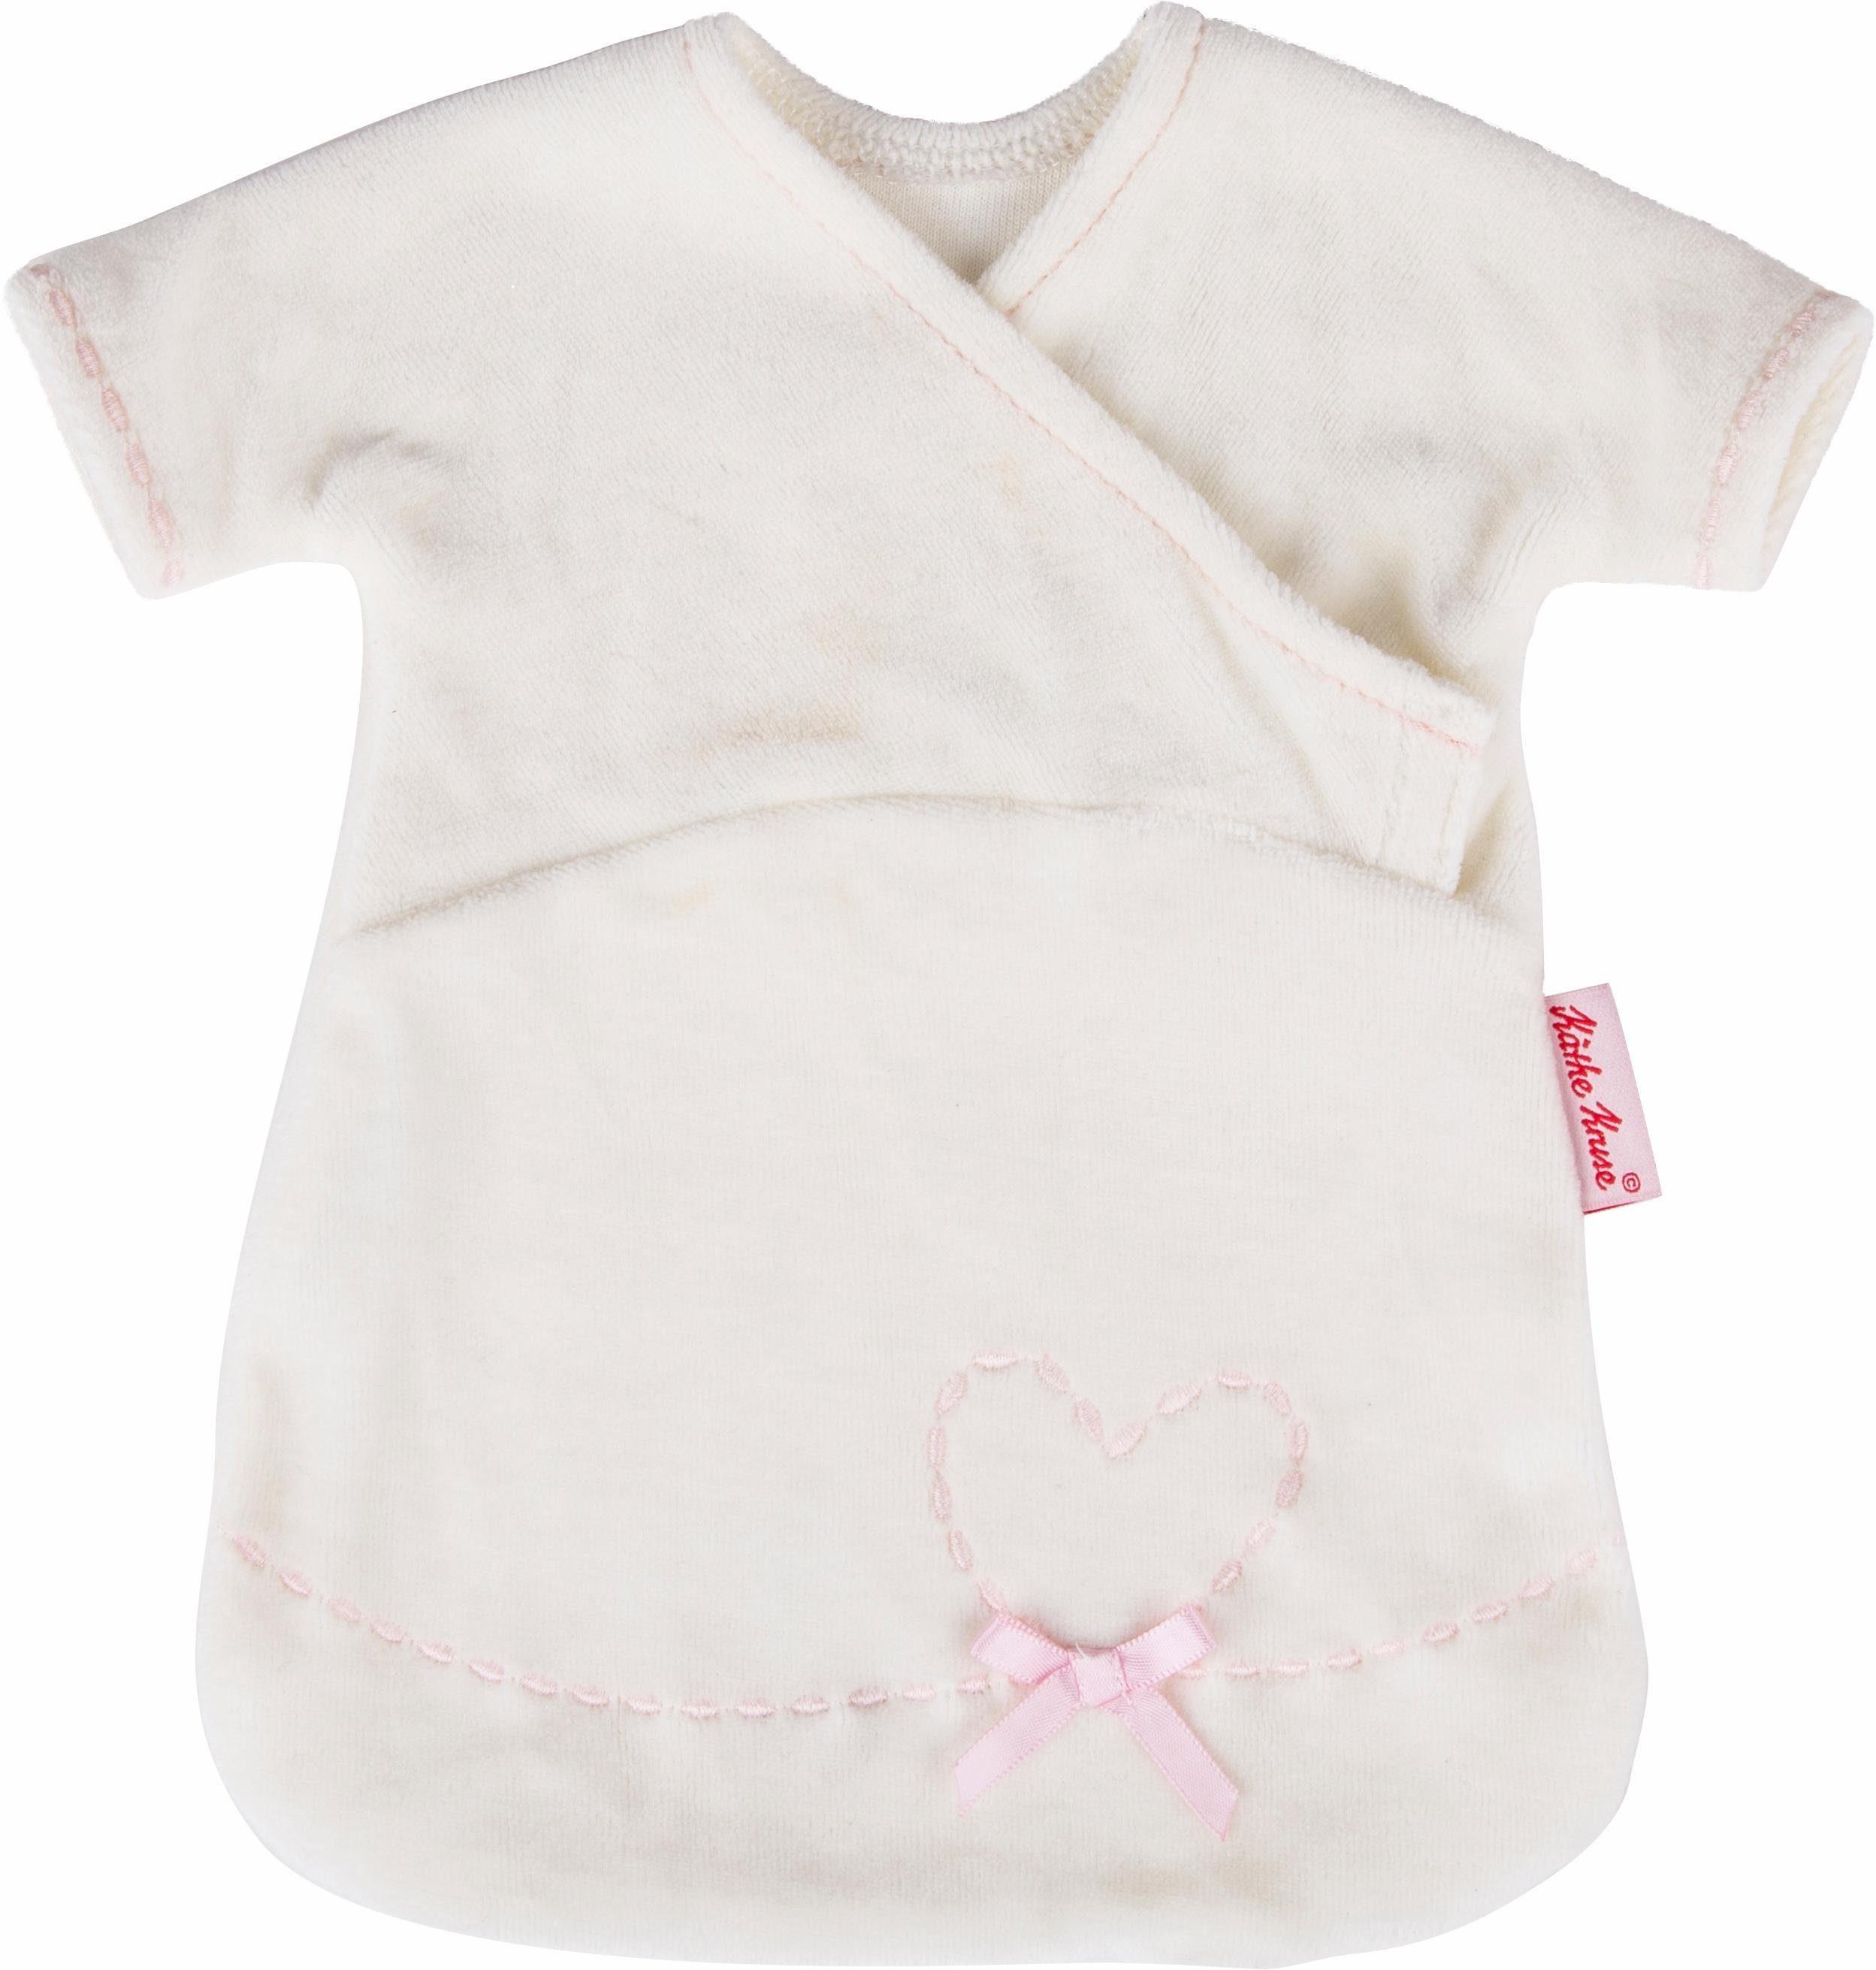 Käthe Kruse Puppenbekleidung, Größe ca. 30-33 cm, »Schlafsack natur bestickt«